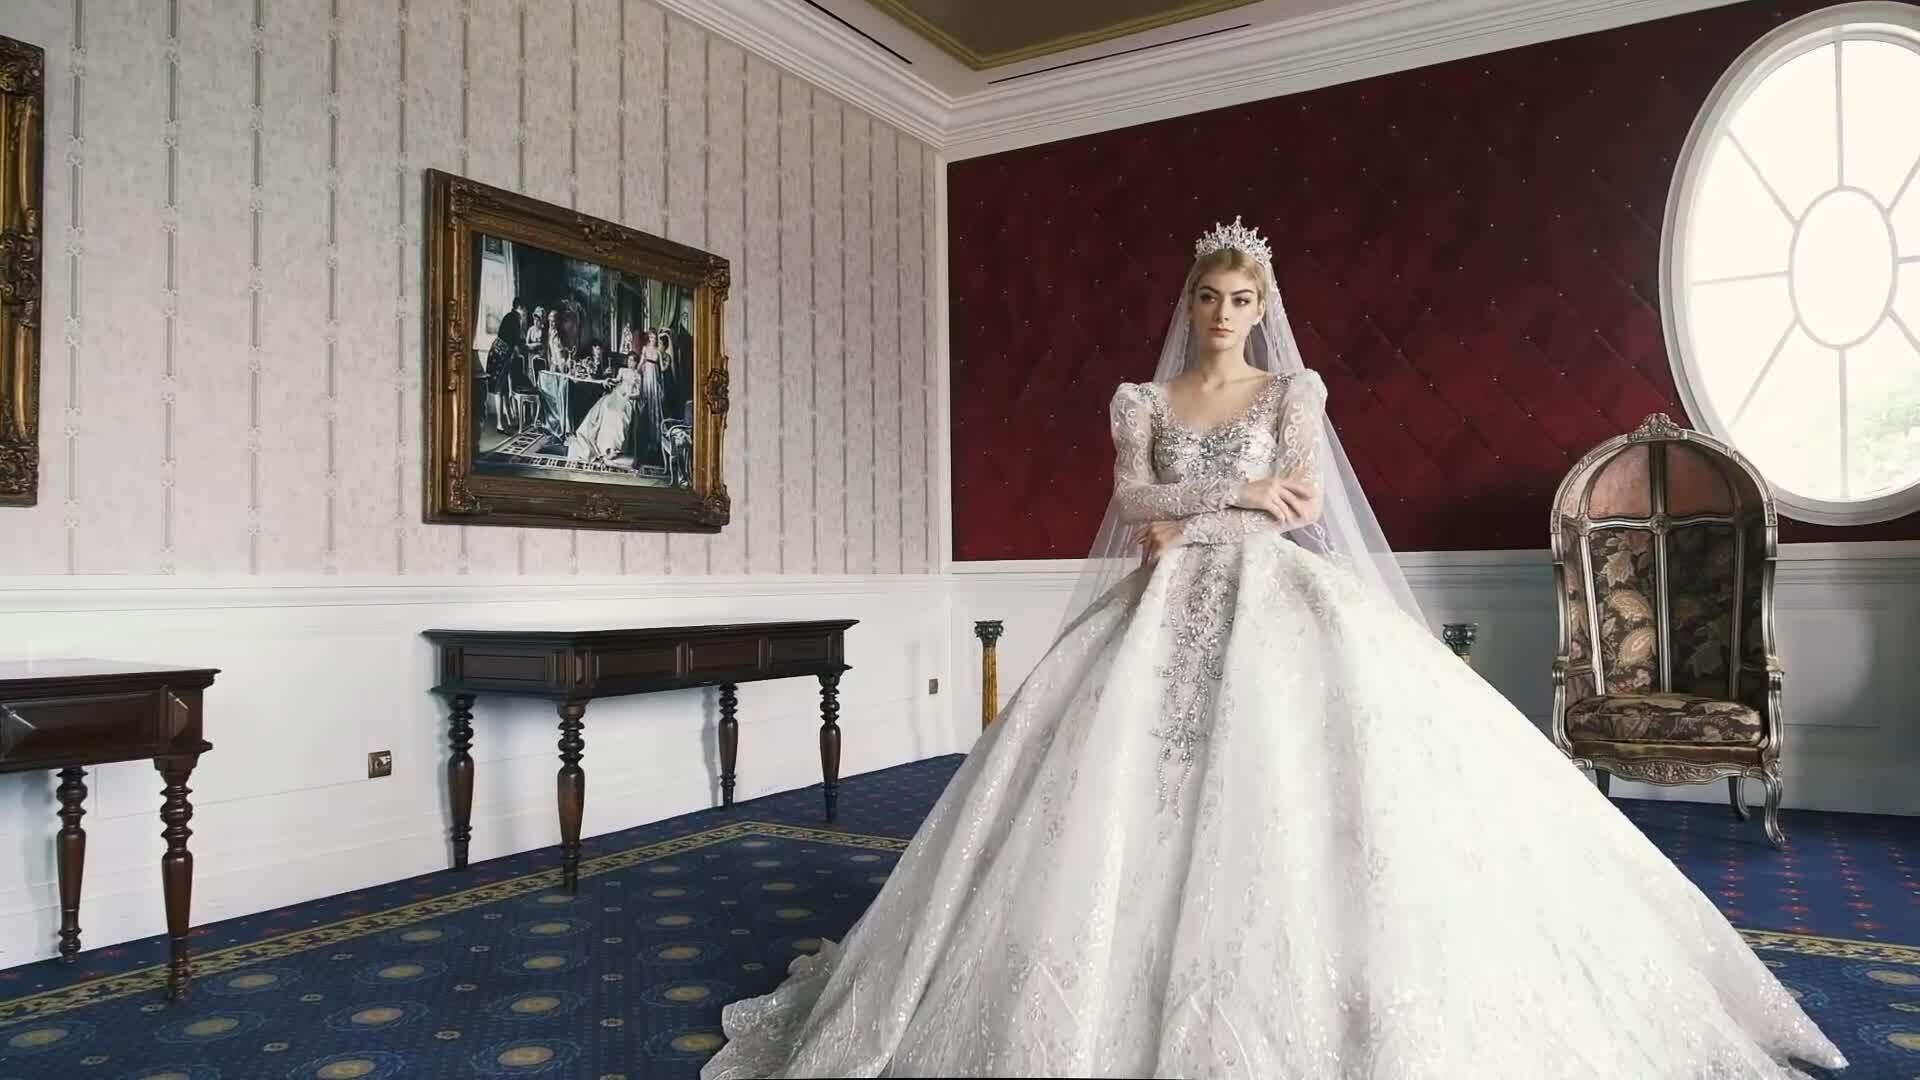 Váy cưới phong cách hoàng gia